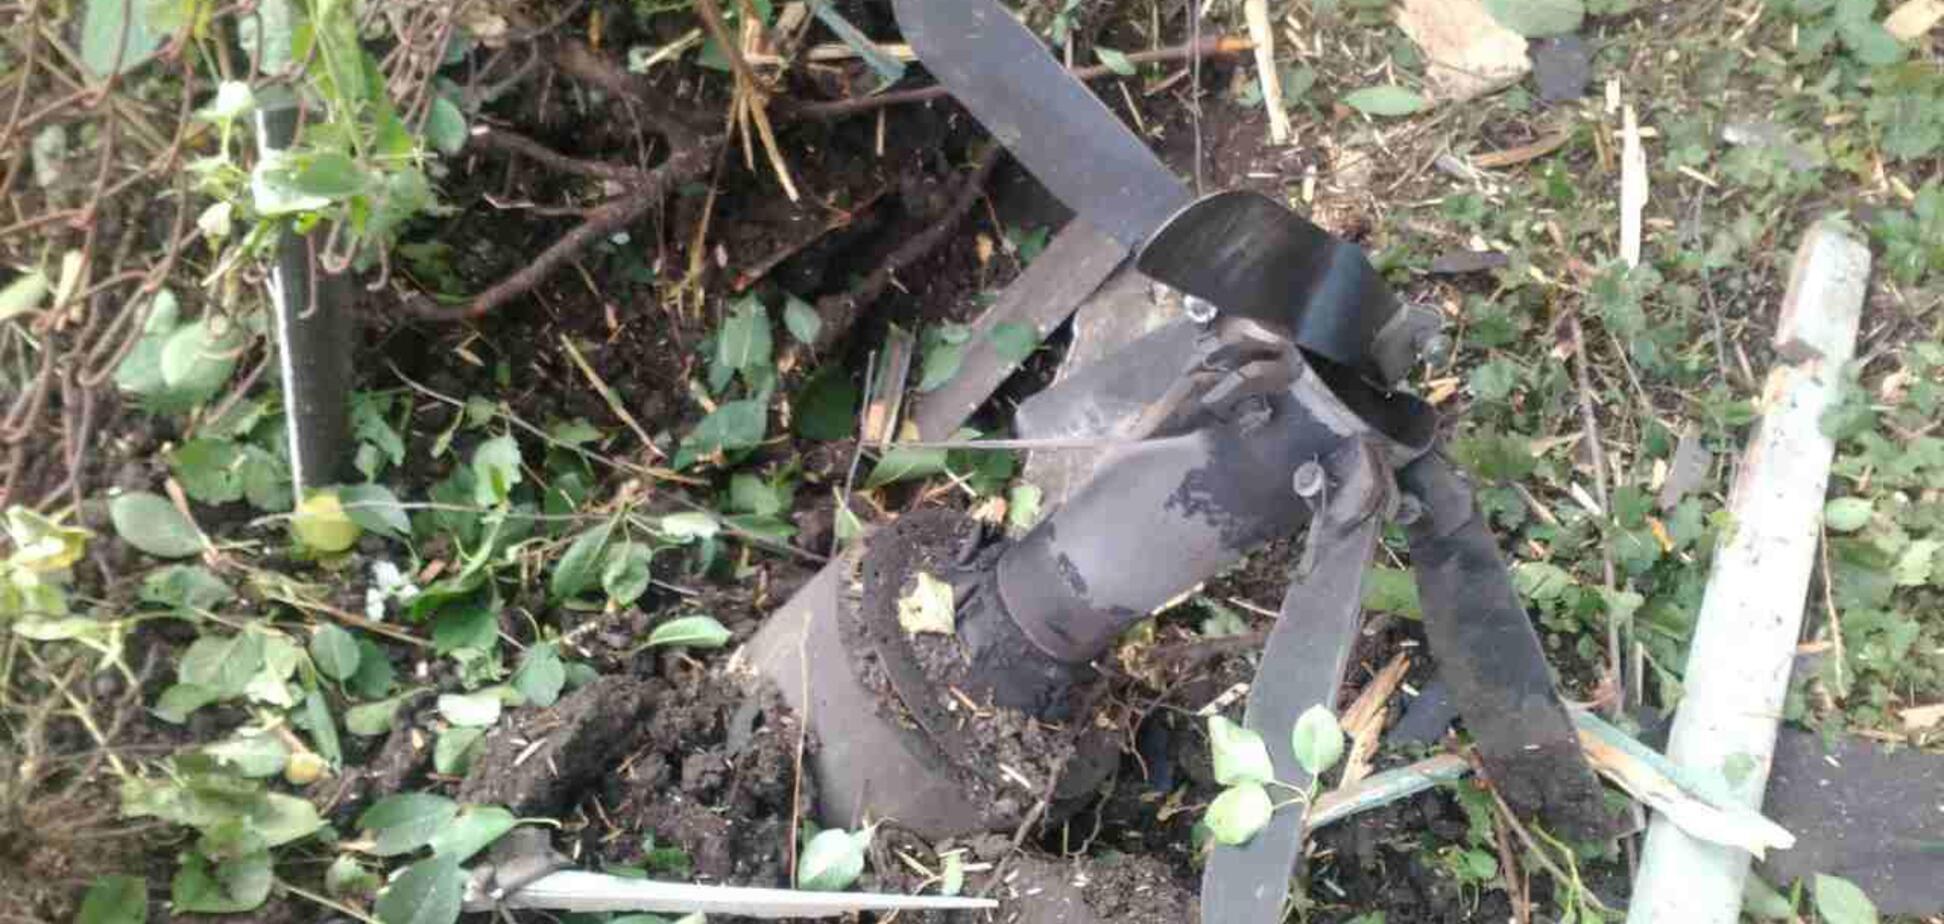 Вибухи боєприпасів в Калинівці: Кабмін виділив 100 млн грн на ліквідацію наслідків